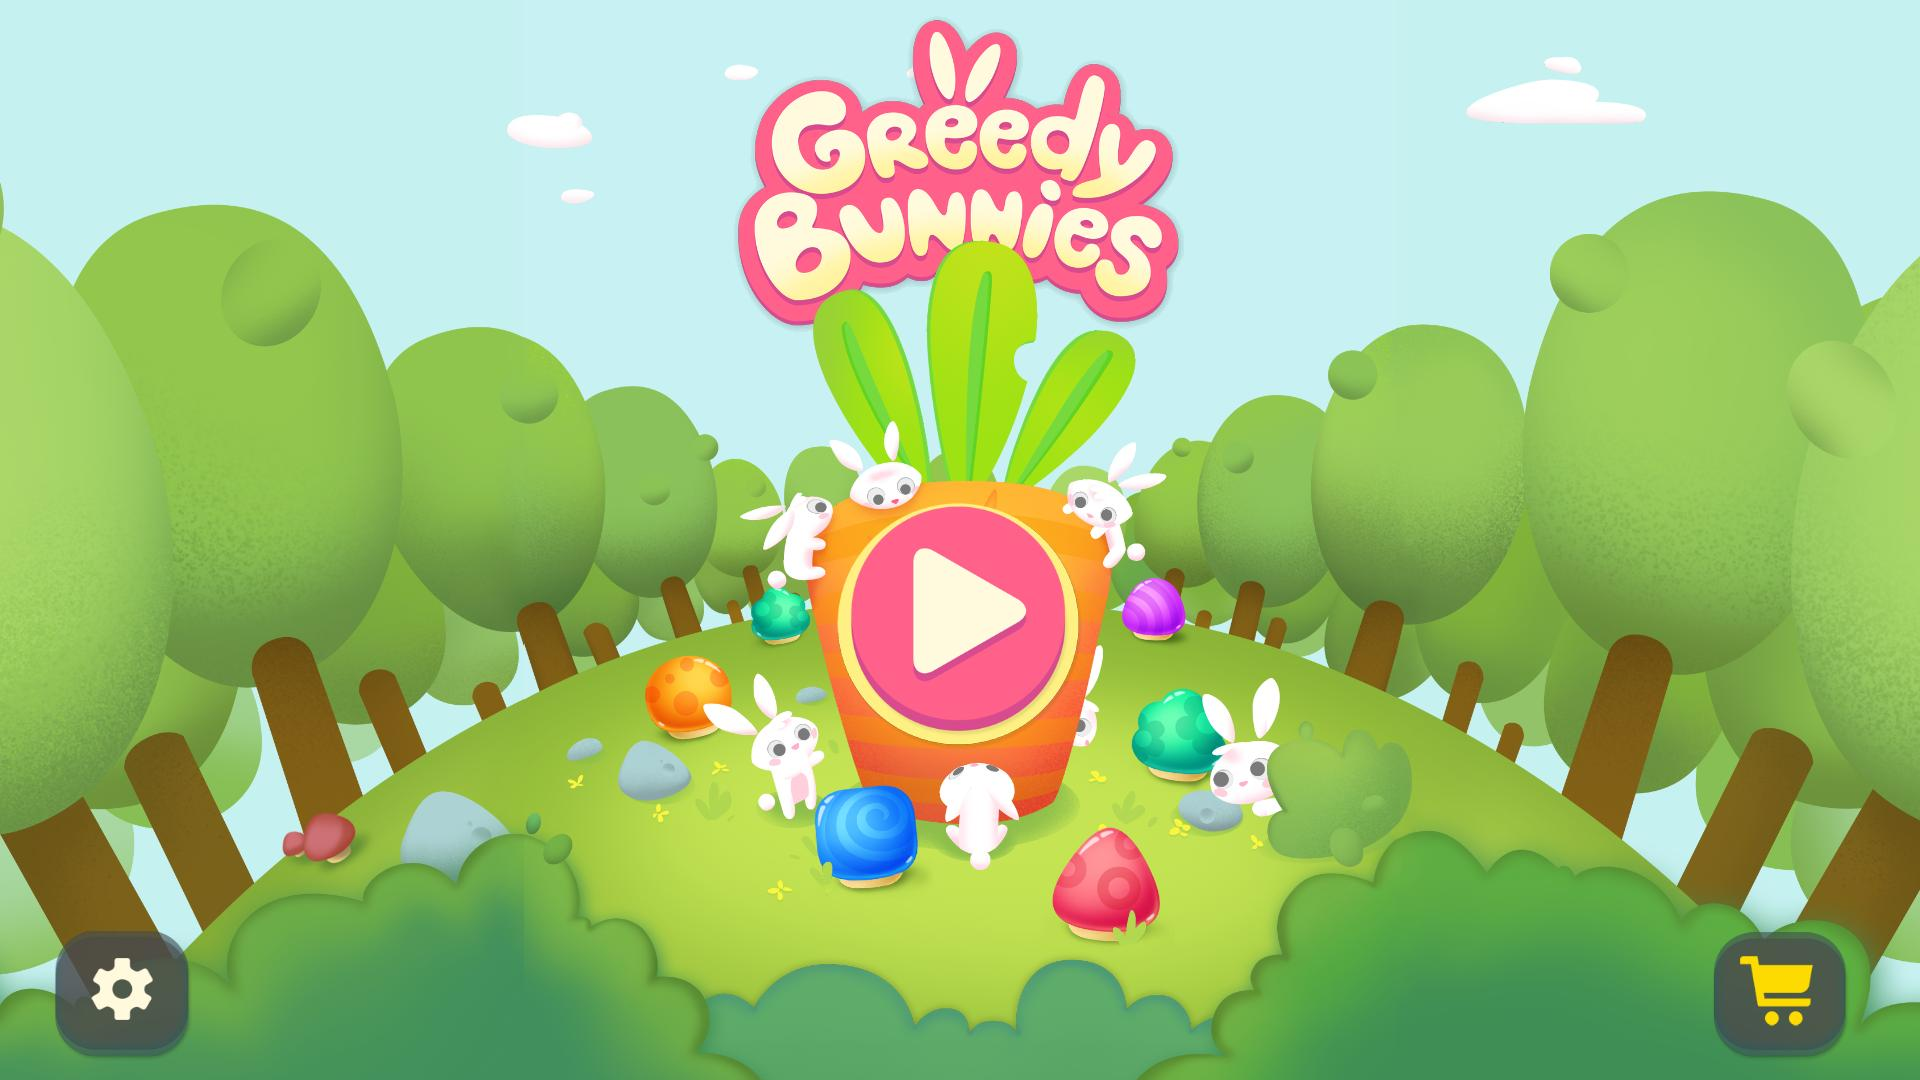 Жадные кролики | Greedy Bunnies Multi (Rus)